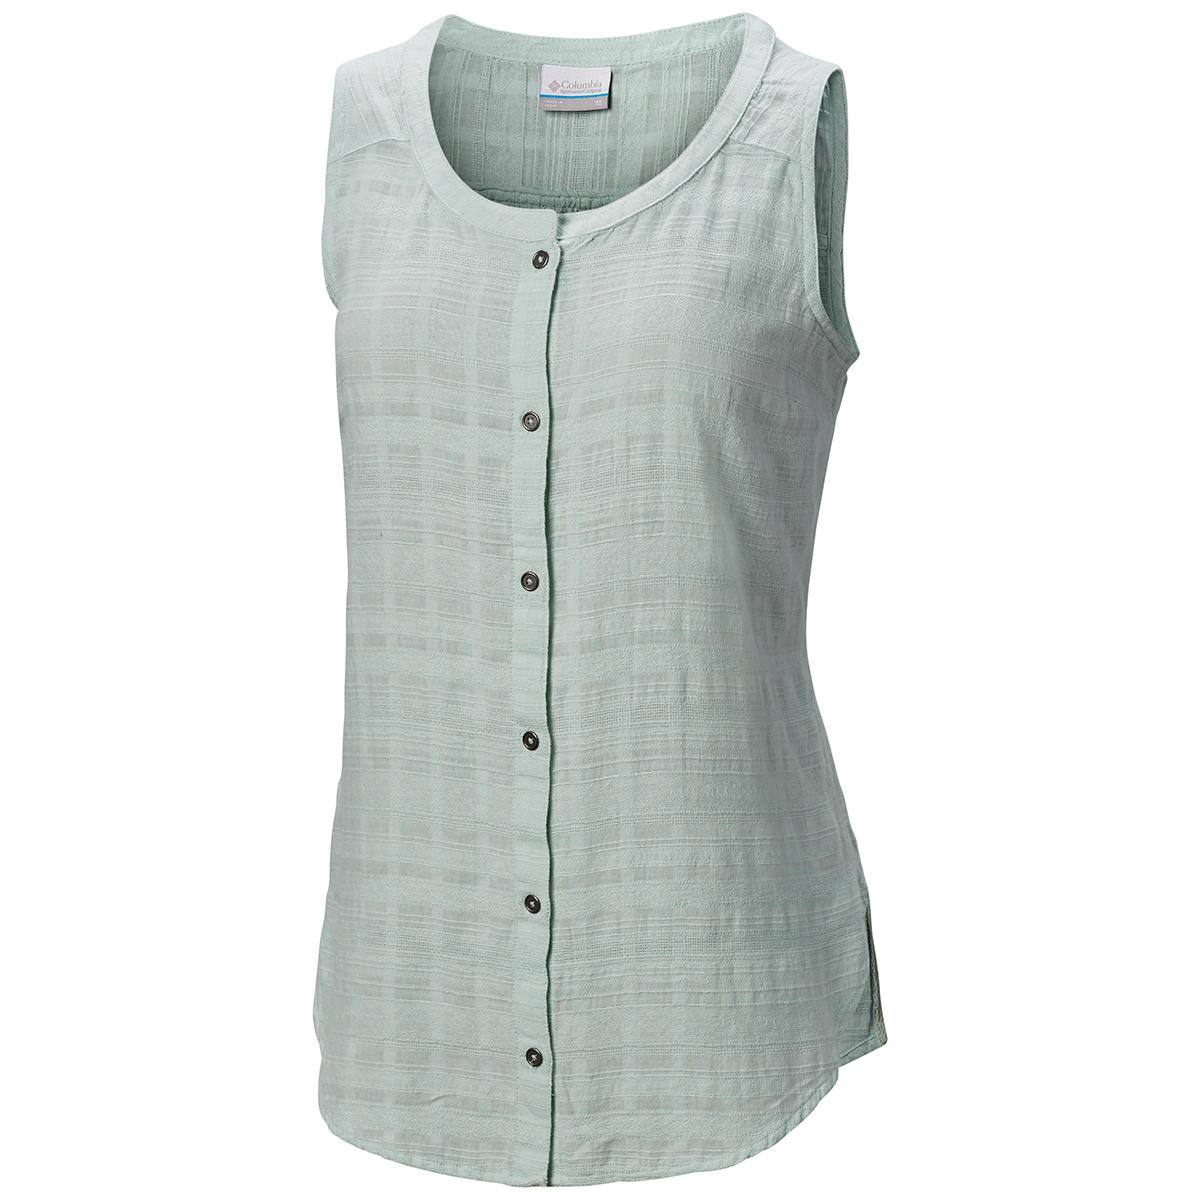 Columbia Women's Summer Ease Sleeveless Shirt - Green, M